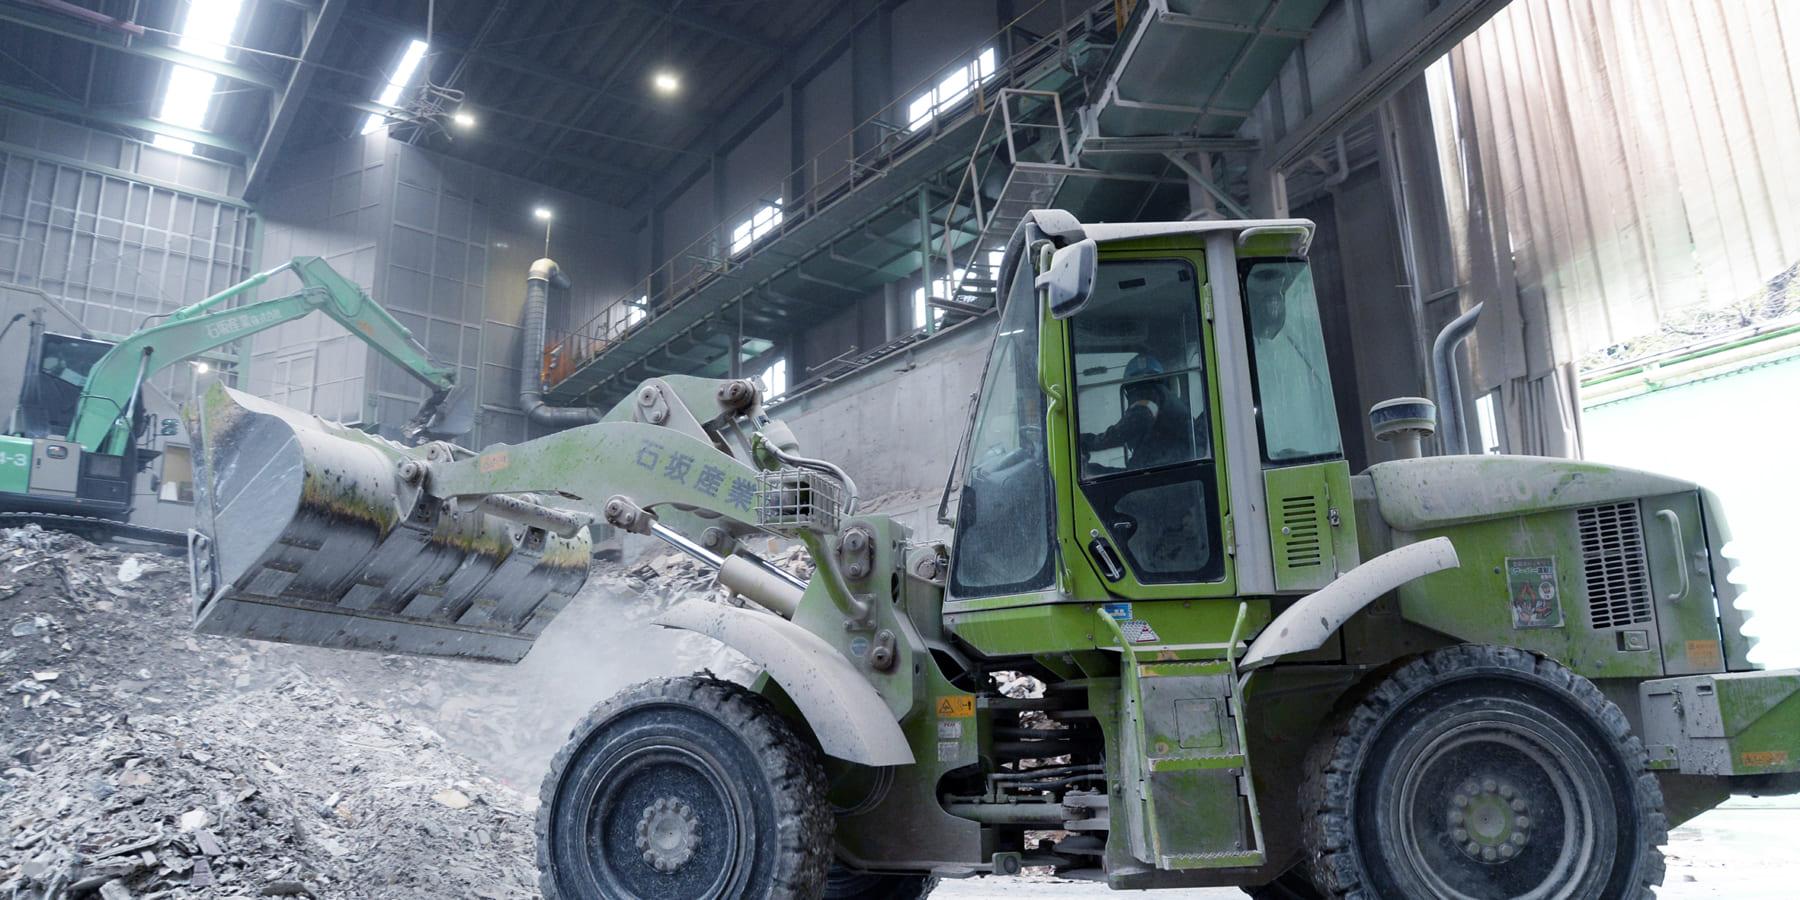 「捨てない社会」実現のために廃棄物の循環をつくる「石坂産業」